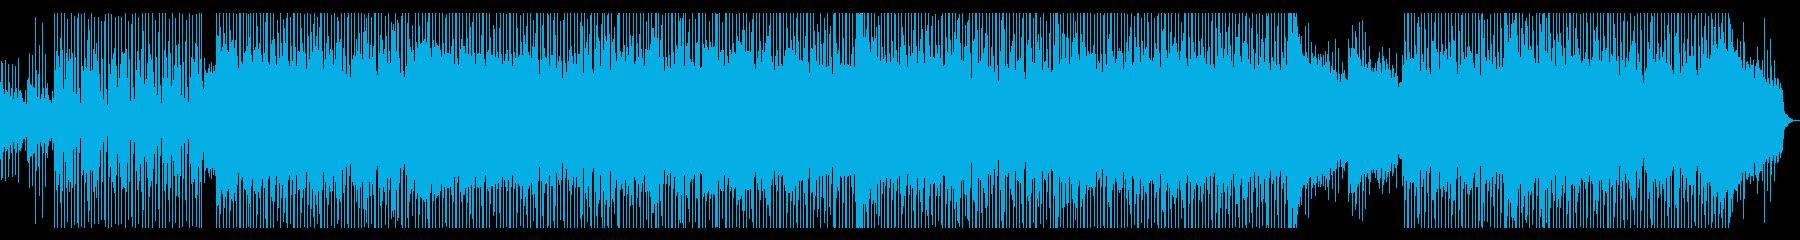 企業VP・モチベーション・ギター・EDMの再生済みの波形